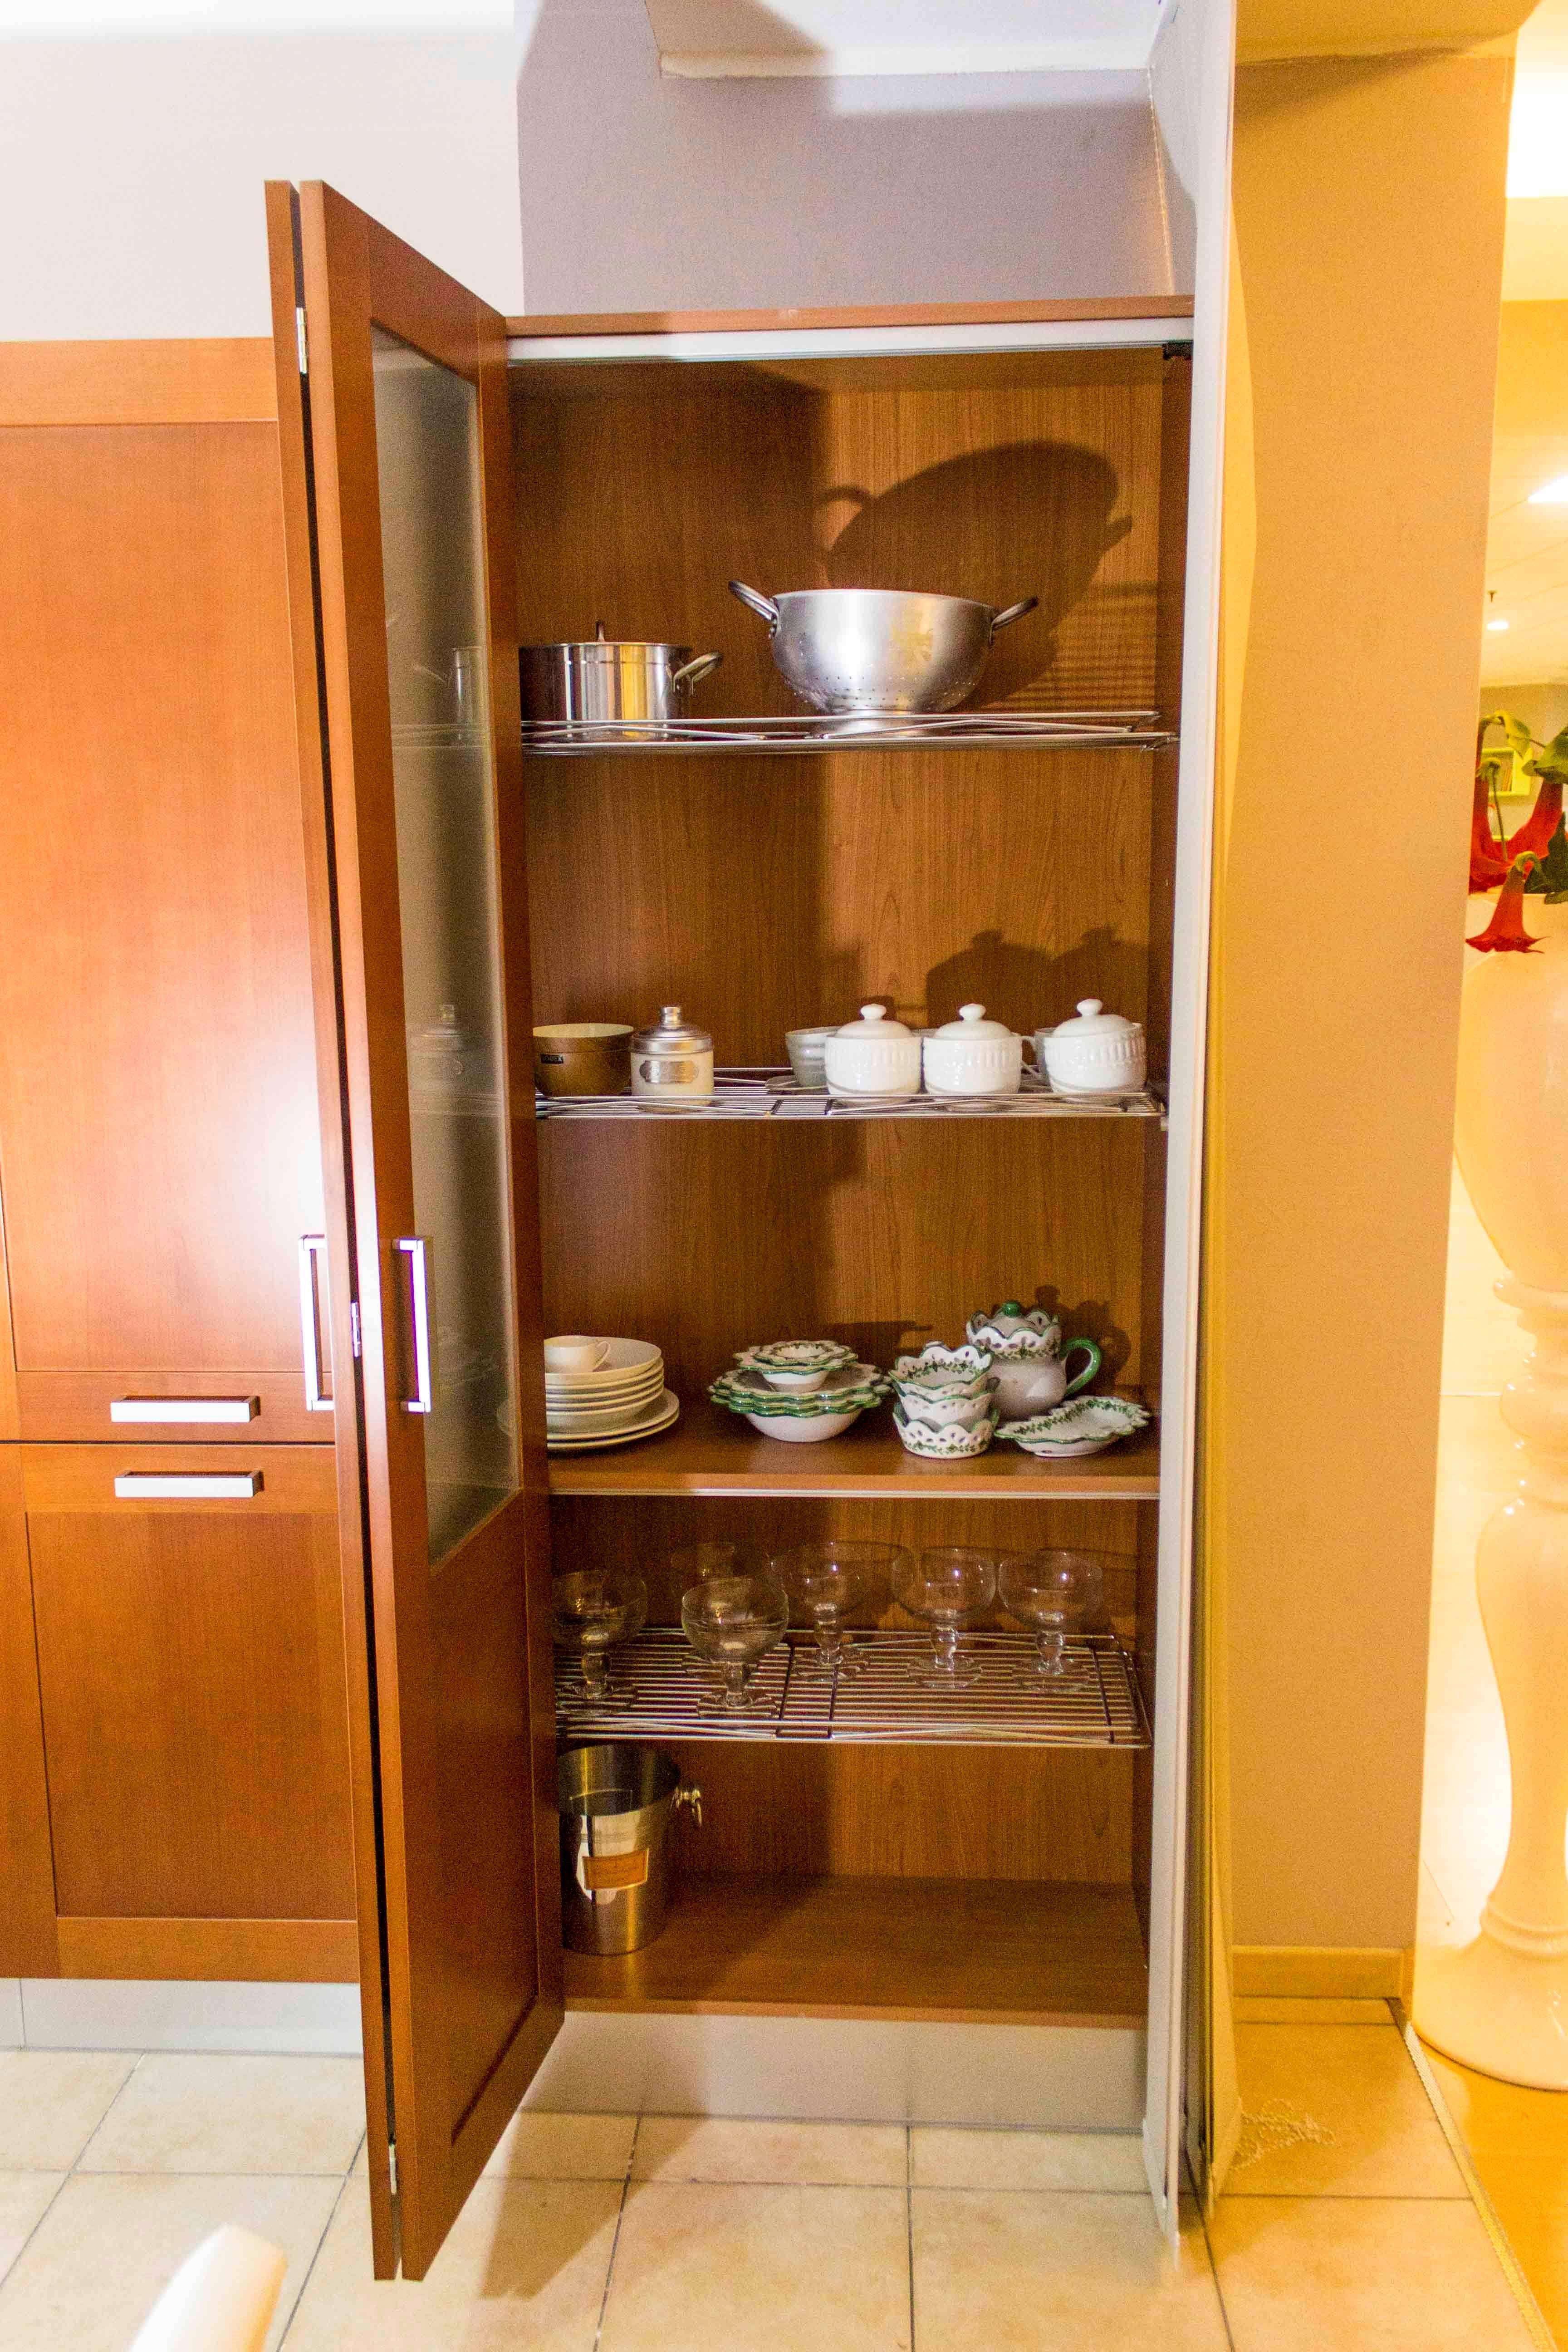 Veneta cucine cucina california colore ciliegio scontato del 68 cucine a prezzi scontati - Cucine con dispensa ...